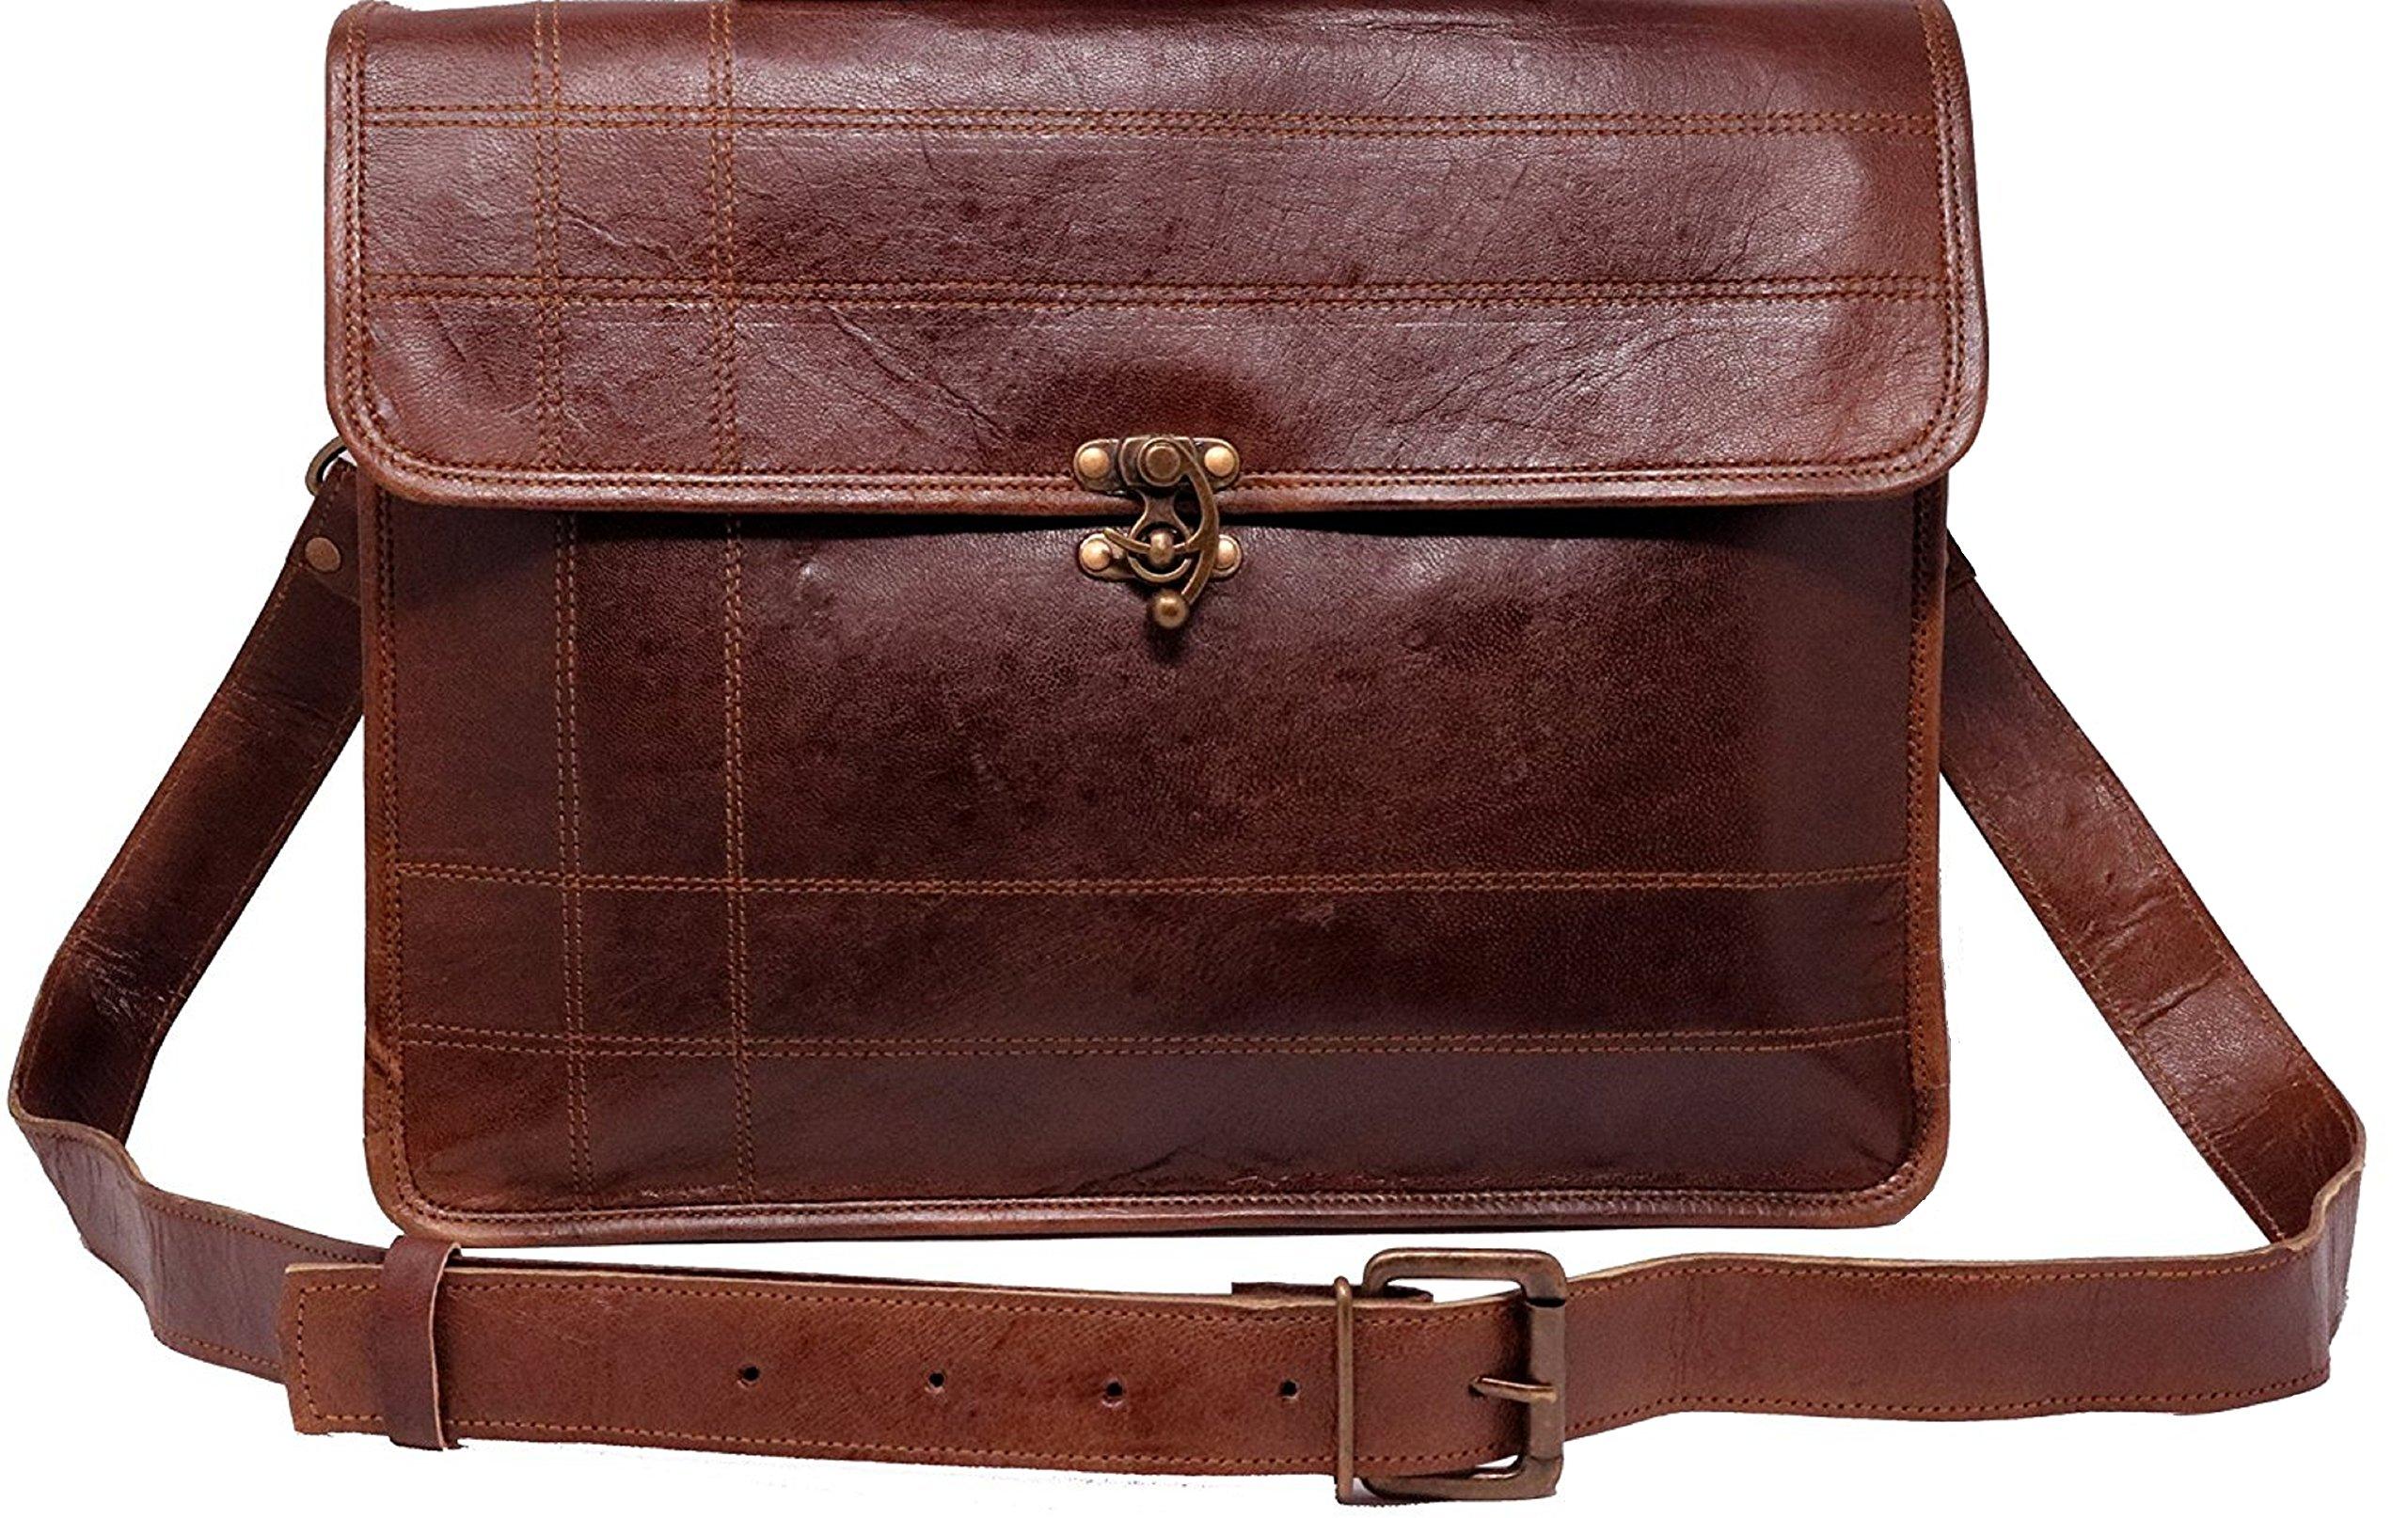 Mens Messenger Bag 15.6 Inch Handmade Vintage Genuine Leather Canvas Lining Briefcase Large Satchel Shoulder Bag Rugged Leather Computer Laptop Bag, Brown